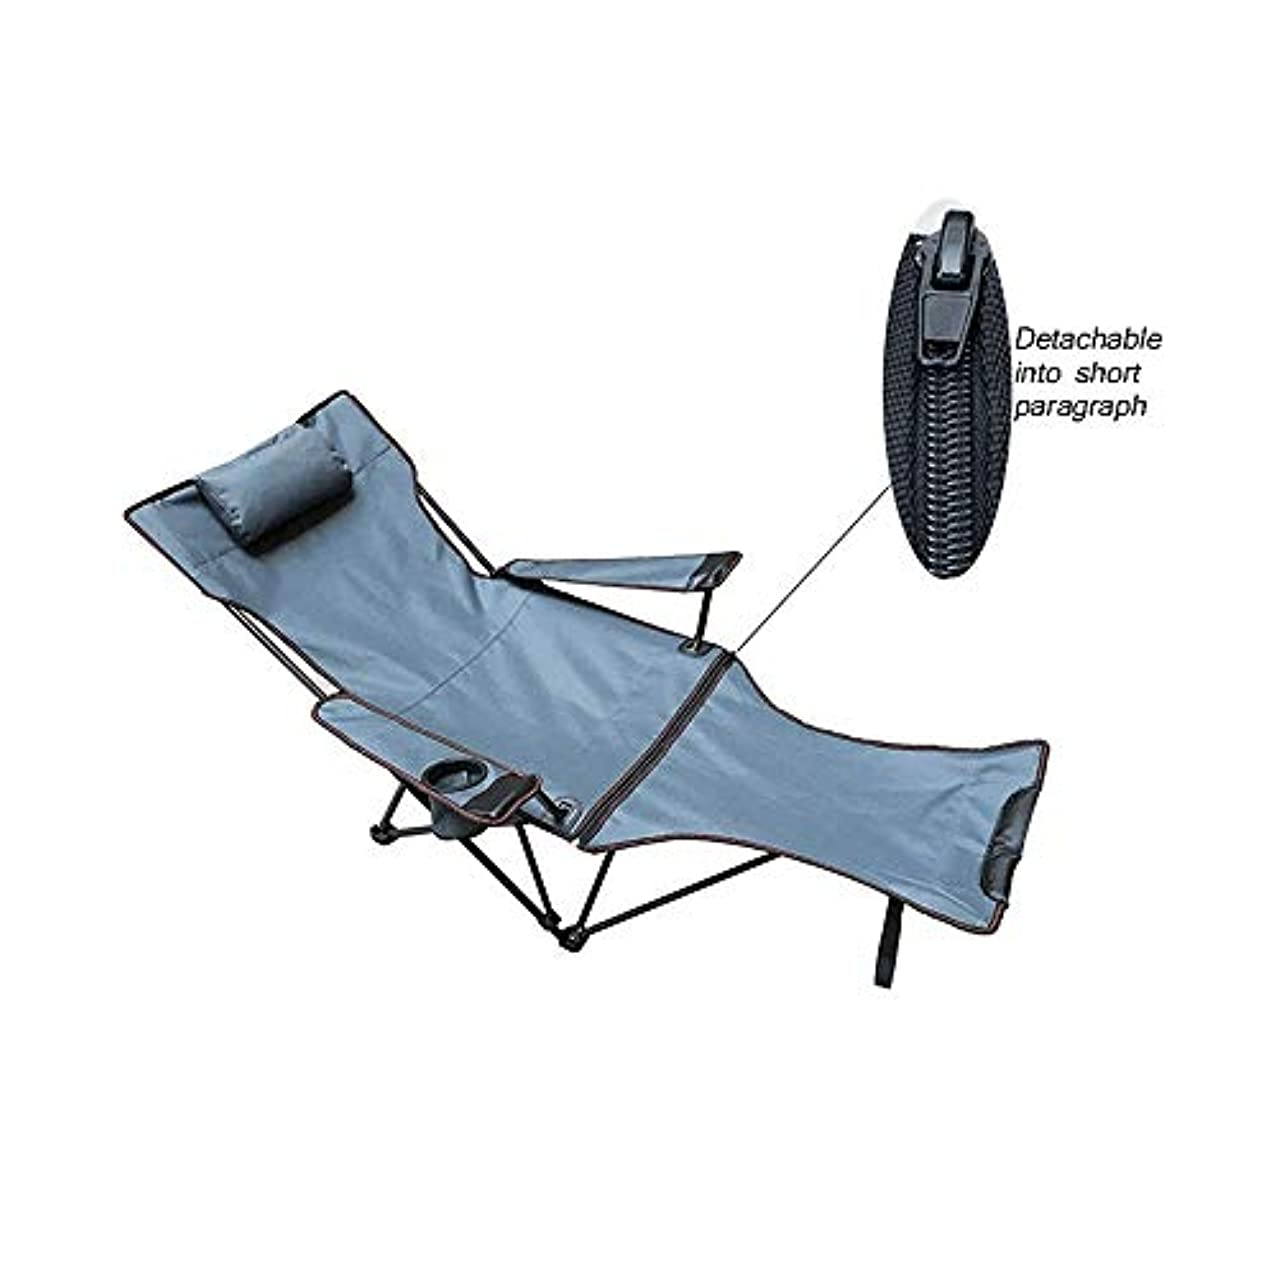 トラップインチ検査官ラウンジチェアリクライニングキャンプリクライニングチェア、屋外旅行用アームレスト付きポータブル調整可能な折りたたみ怠Laな椅子ビーチガーデンサンフィッシングチェアオフィスラウンジチェアチェア,B、170x70cm